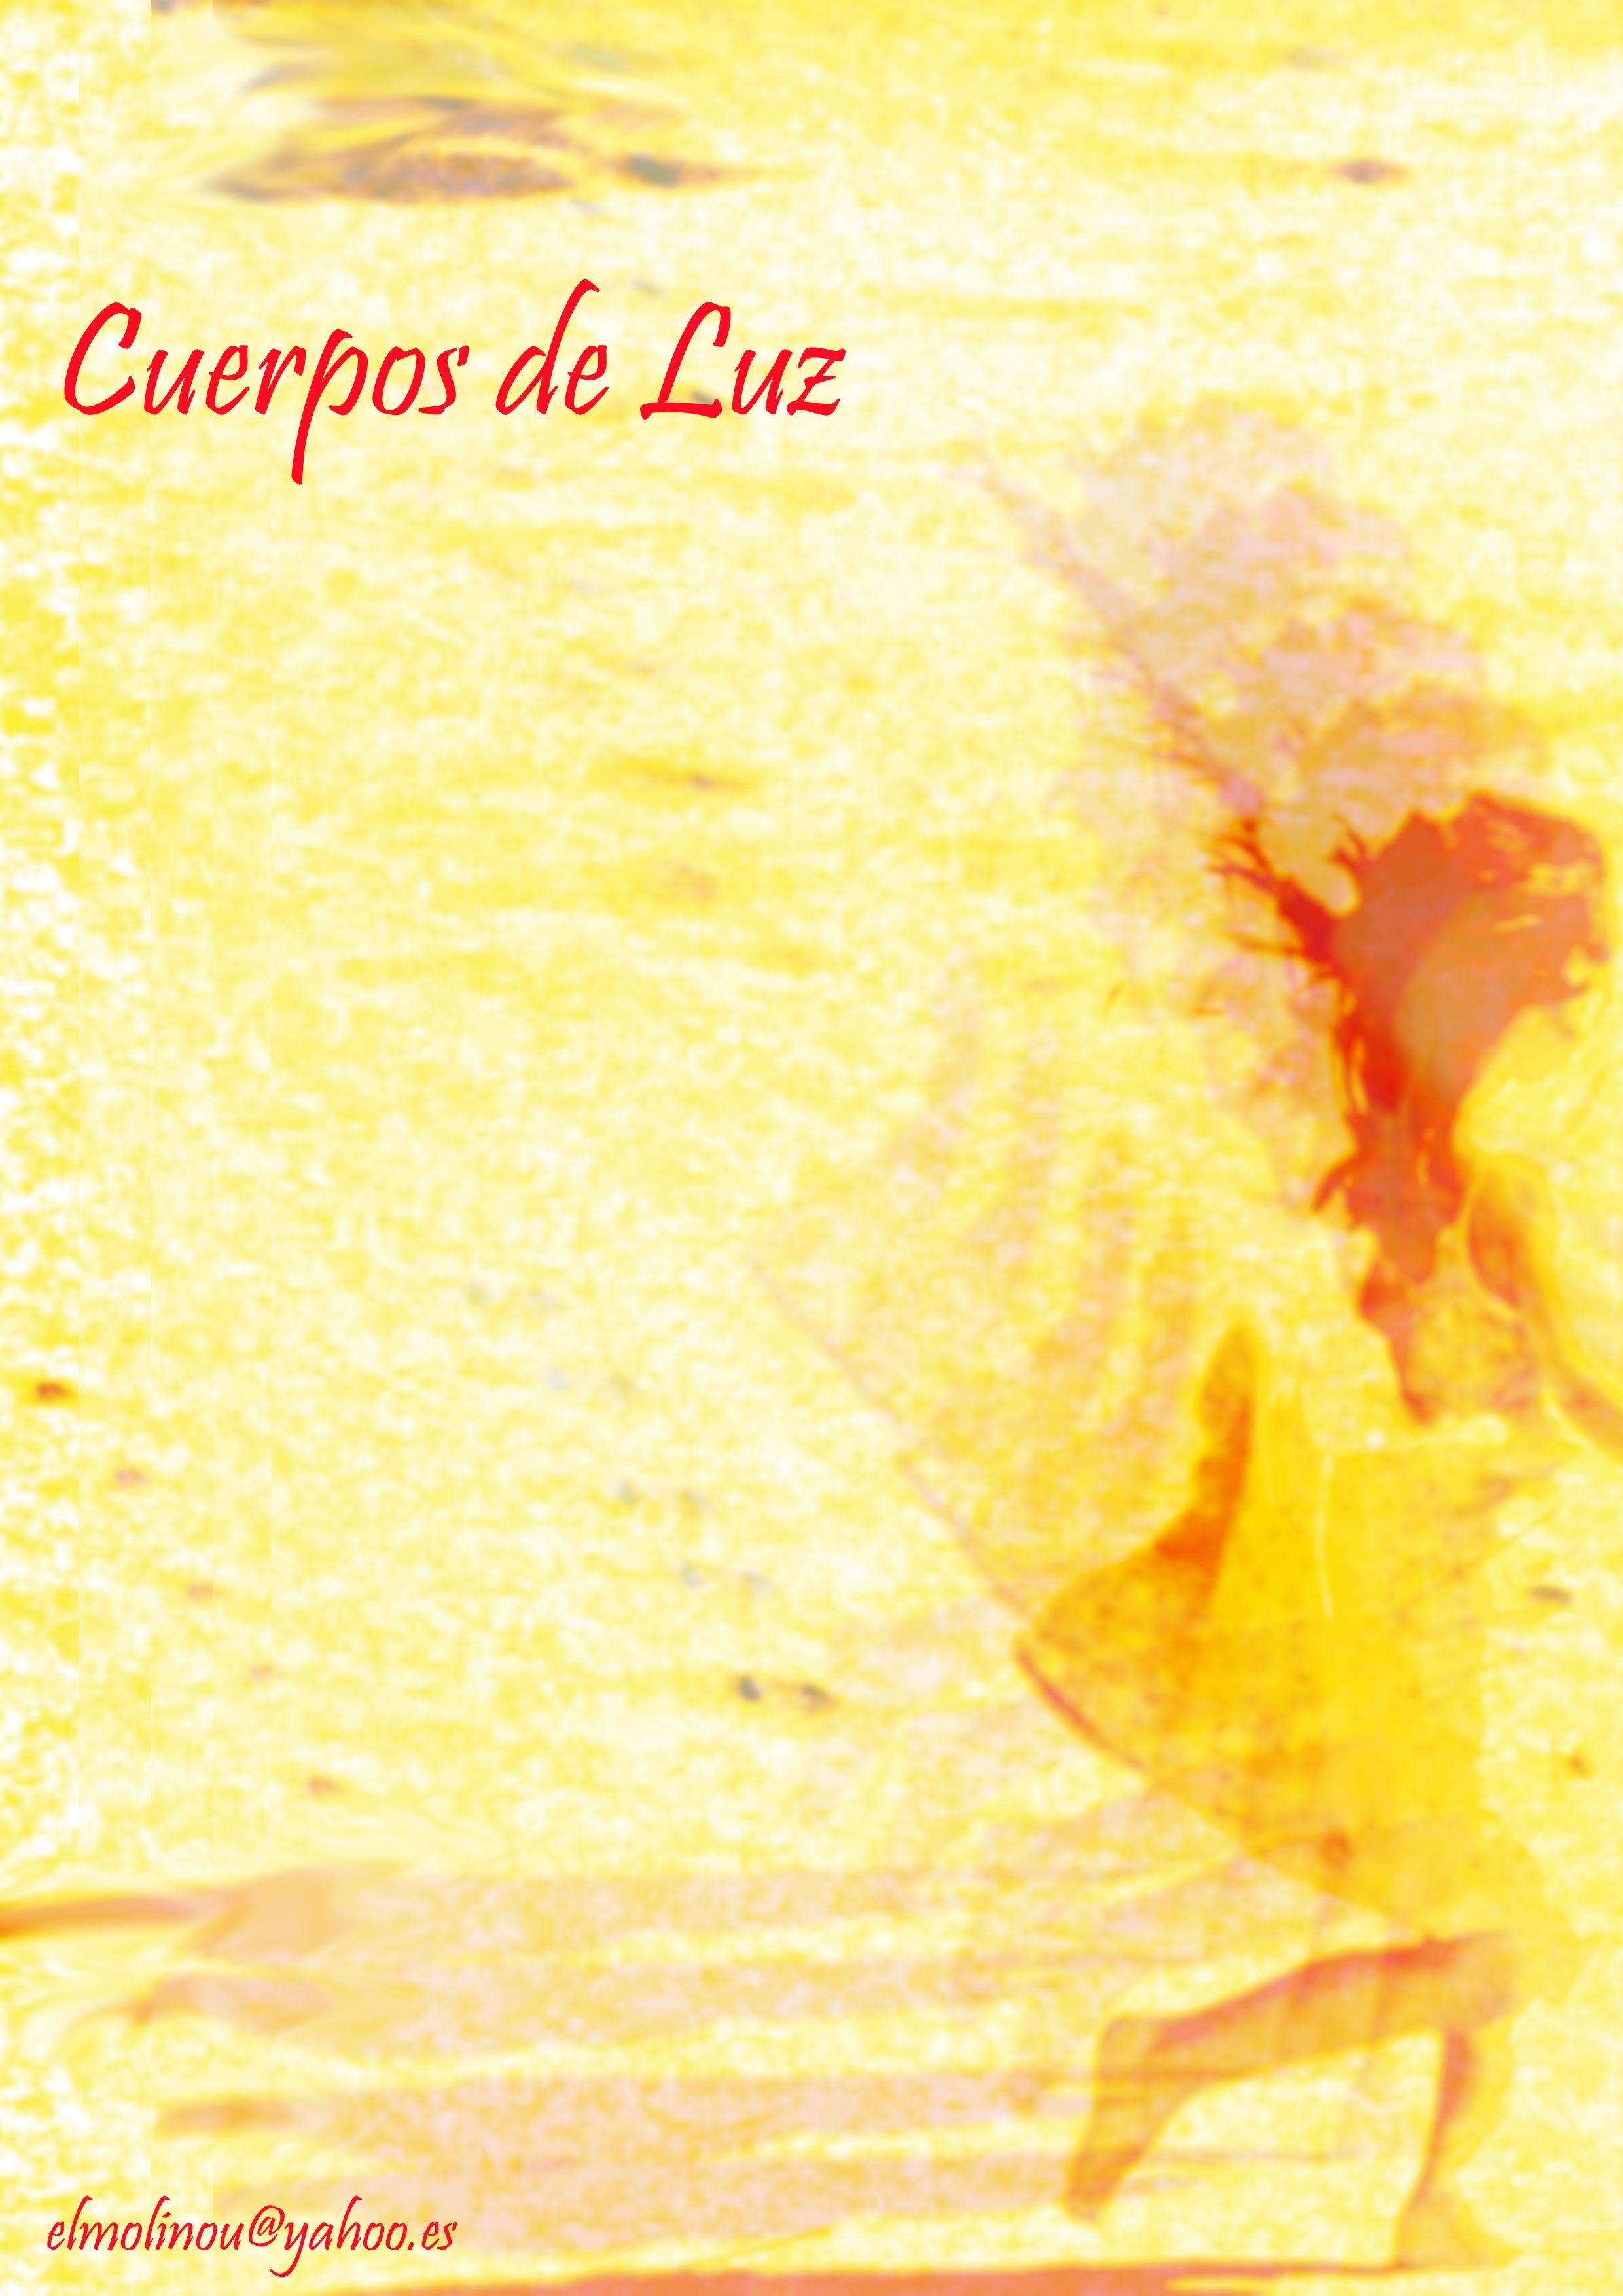 CUERPOS DE LUZ I